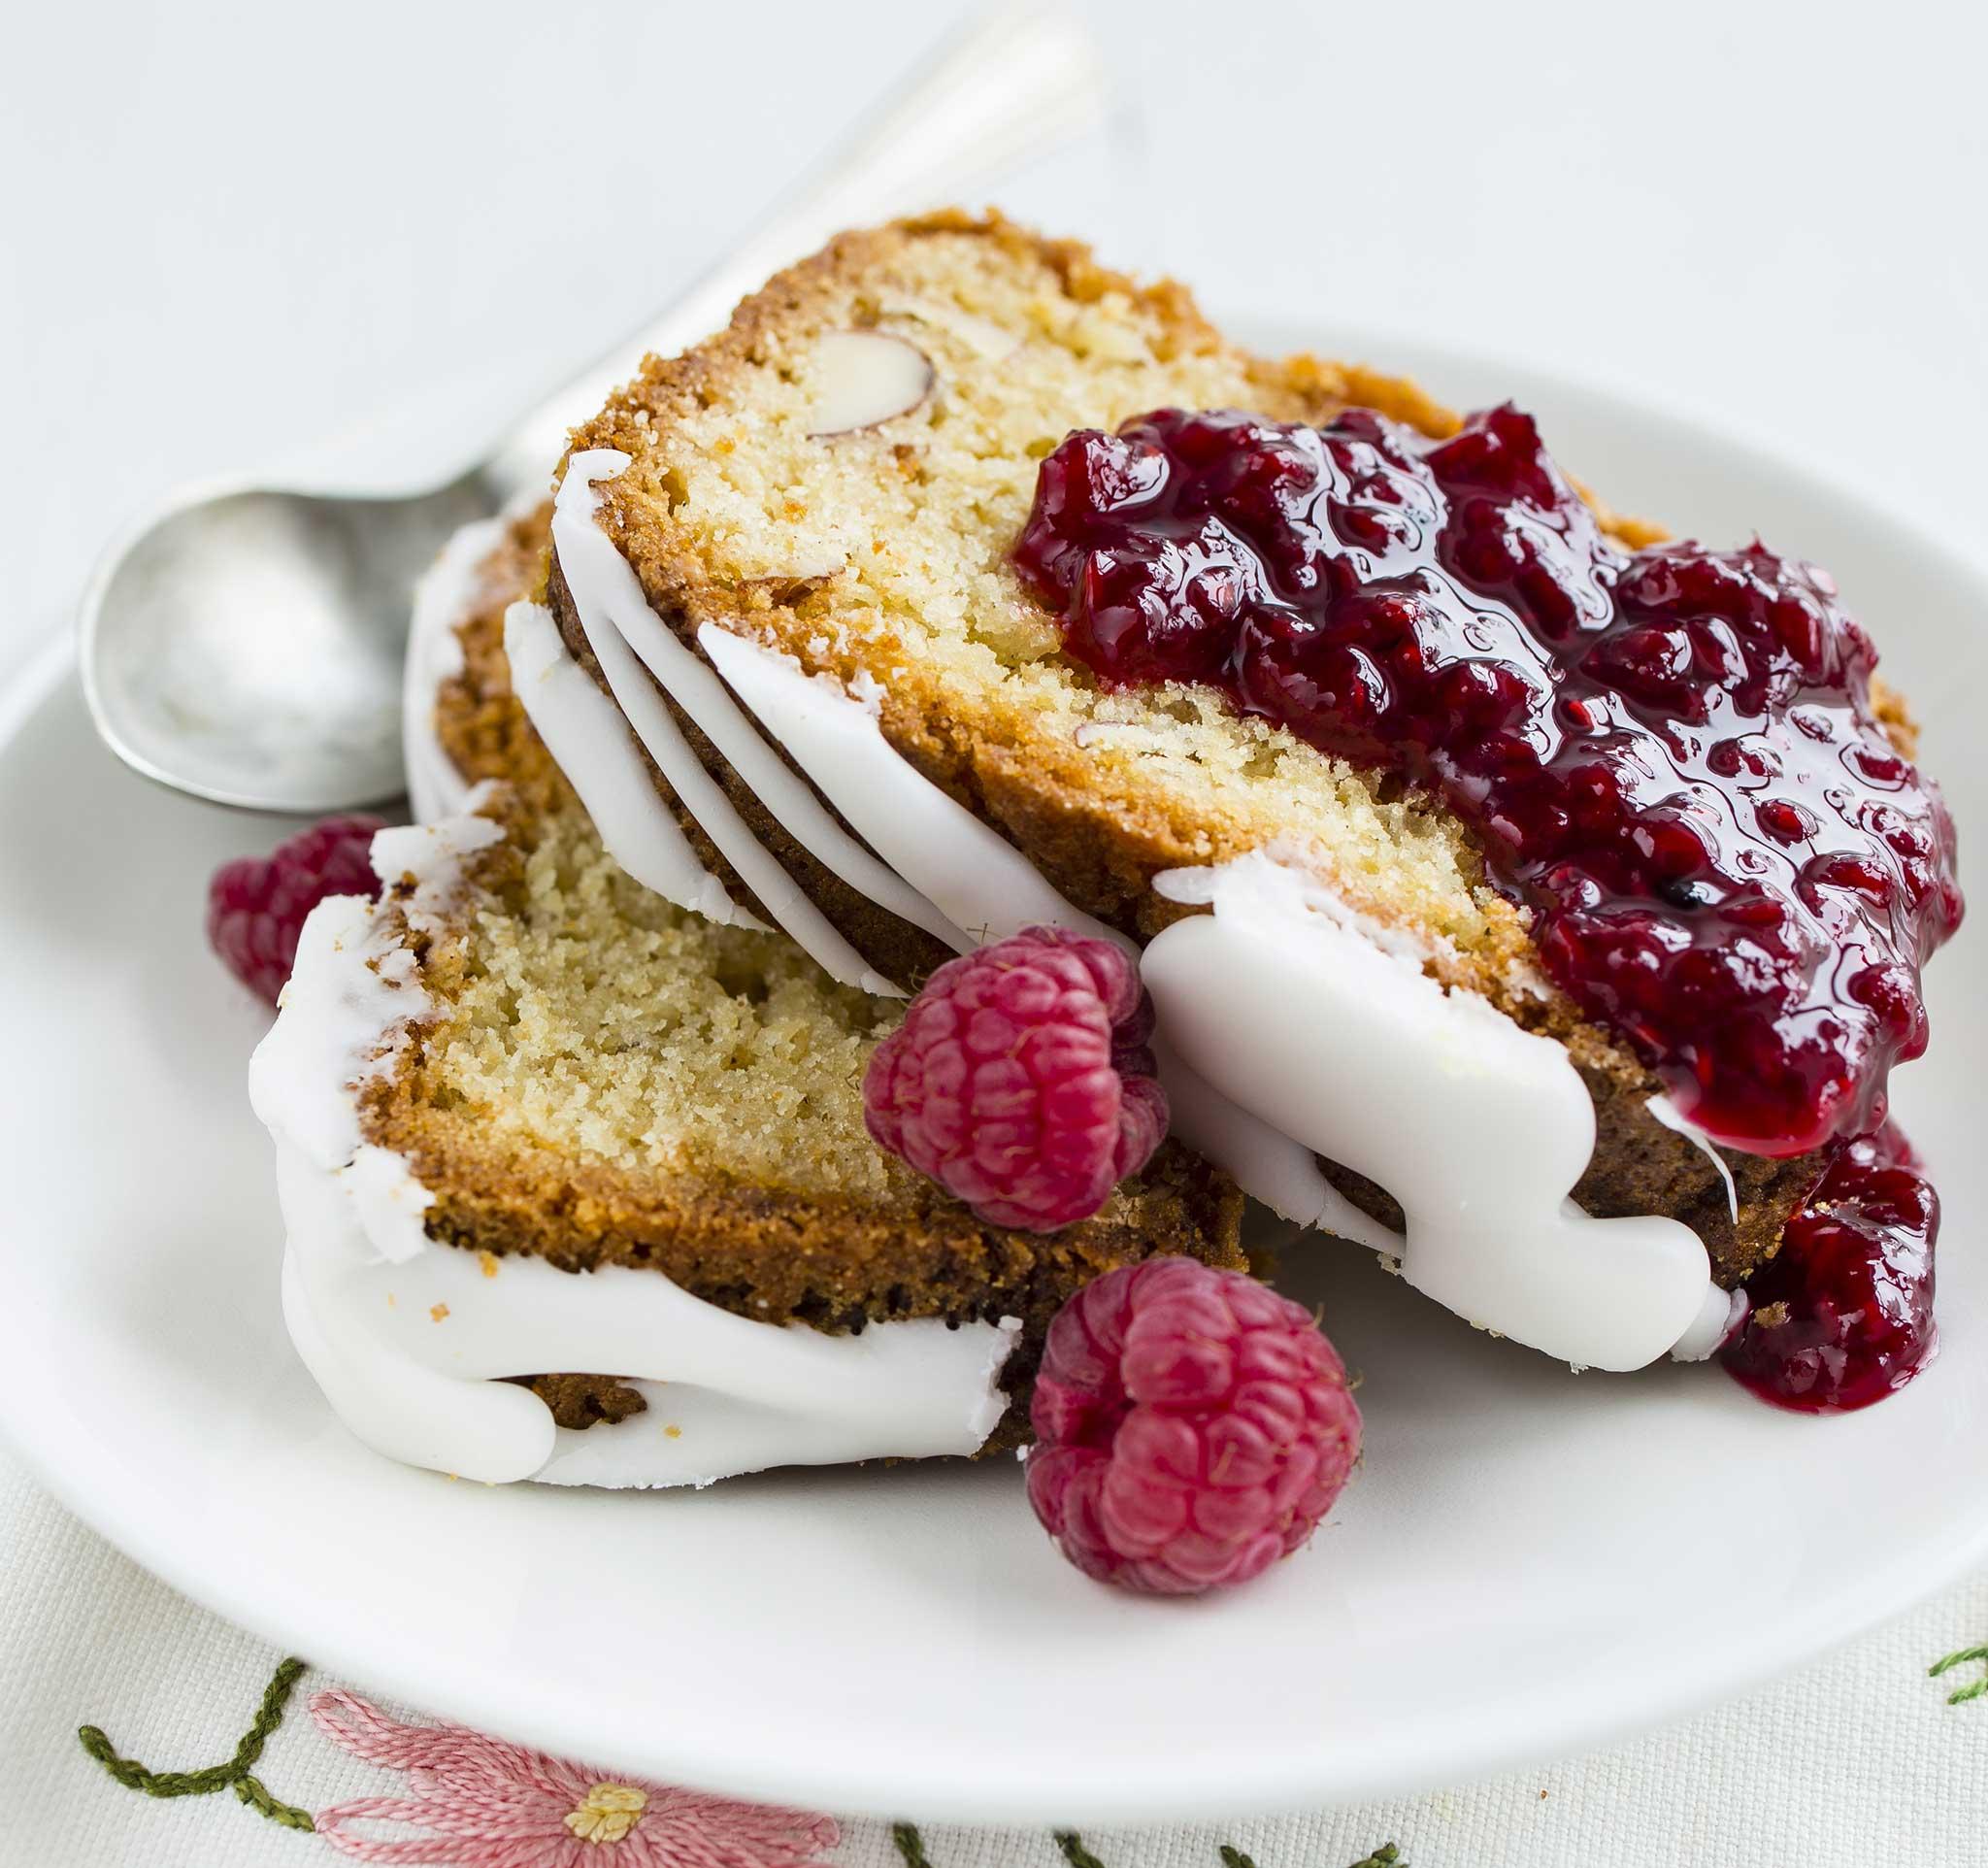 vadelma-valkosuklaakahvikakku eli Runebergin kakku